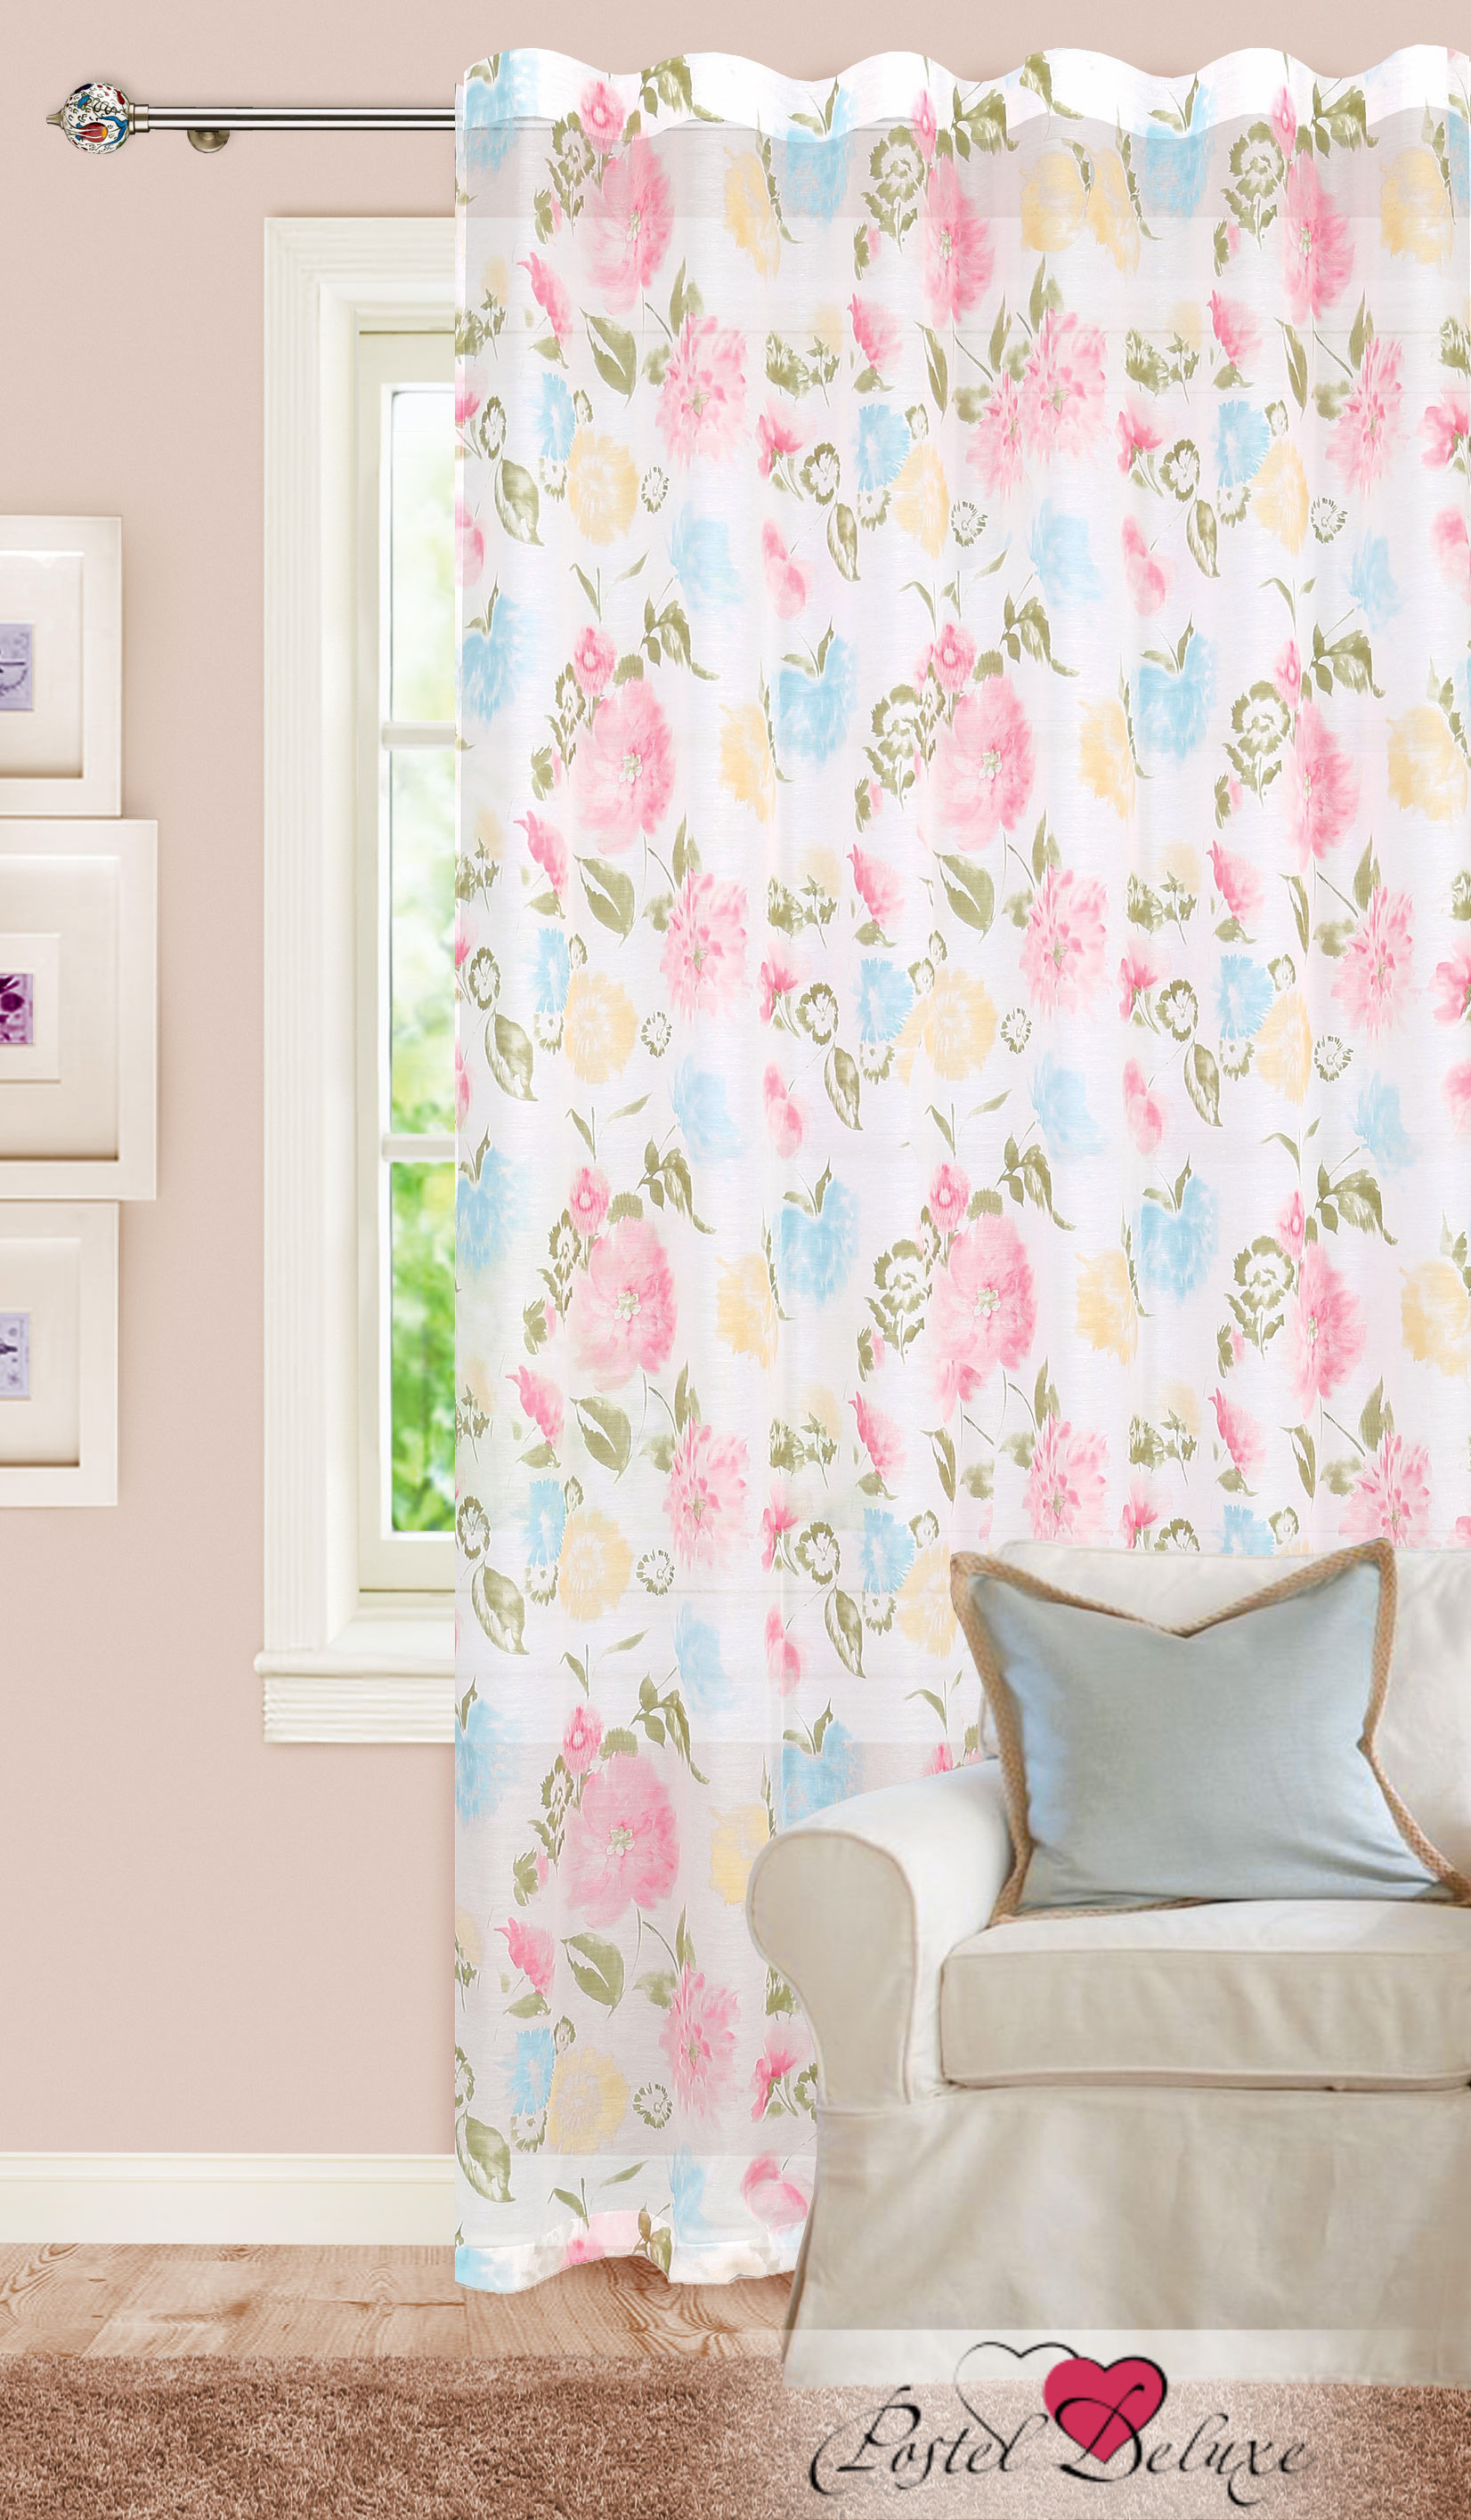 Шторы Garden Классические шторы Букет Цвет: Розовый, Голубой, Персиковый garden garden классические шторы леденец цвет темно розовый